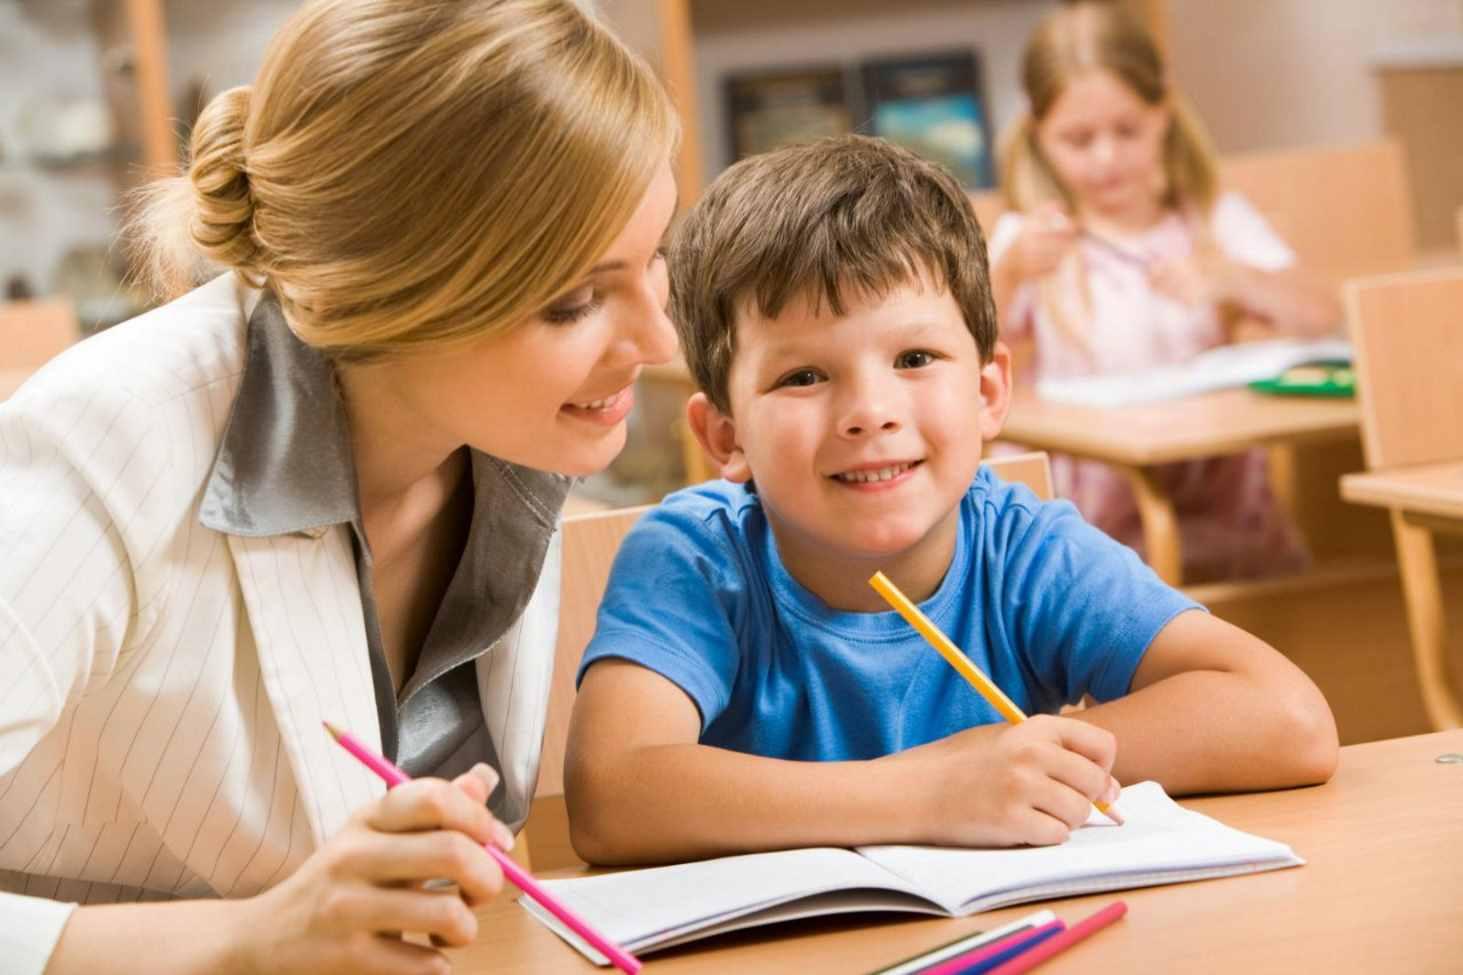 kak-pedagog-mozhet-uvelichit-svoj-dohod